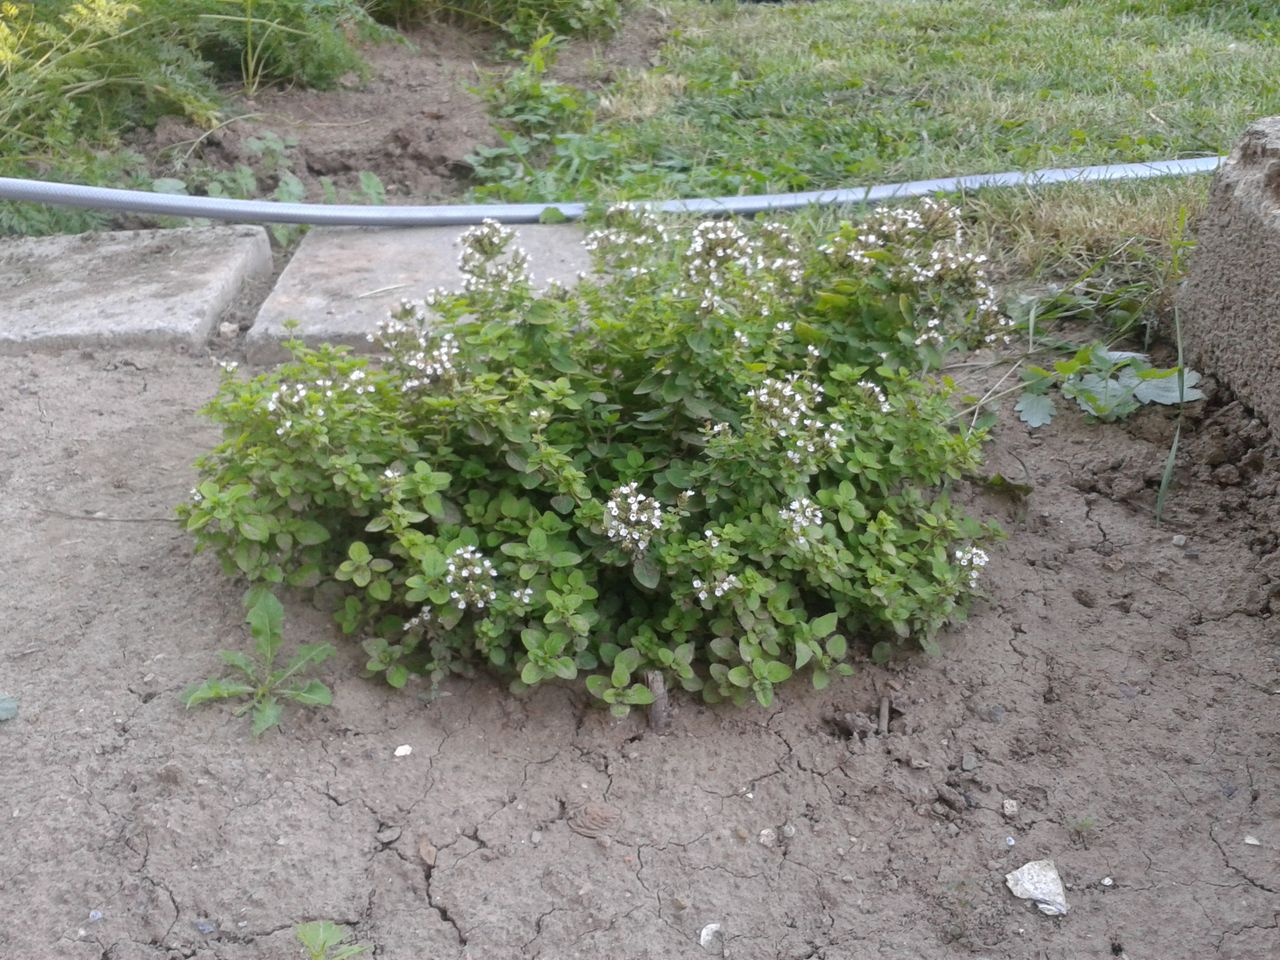 Nový přírůstek na zahradě - oregano